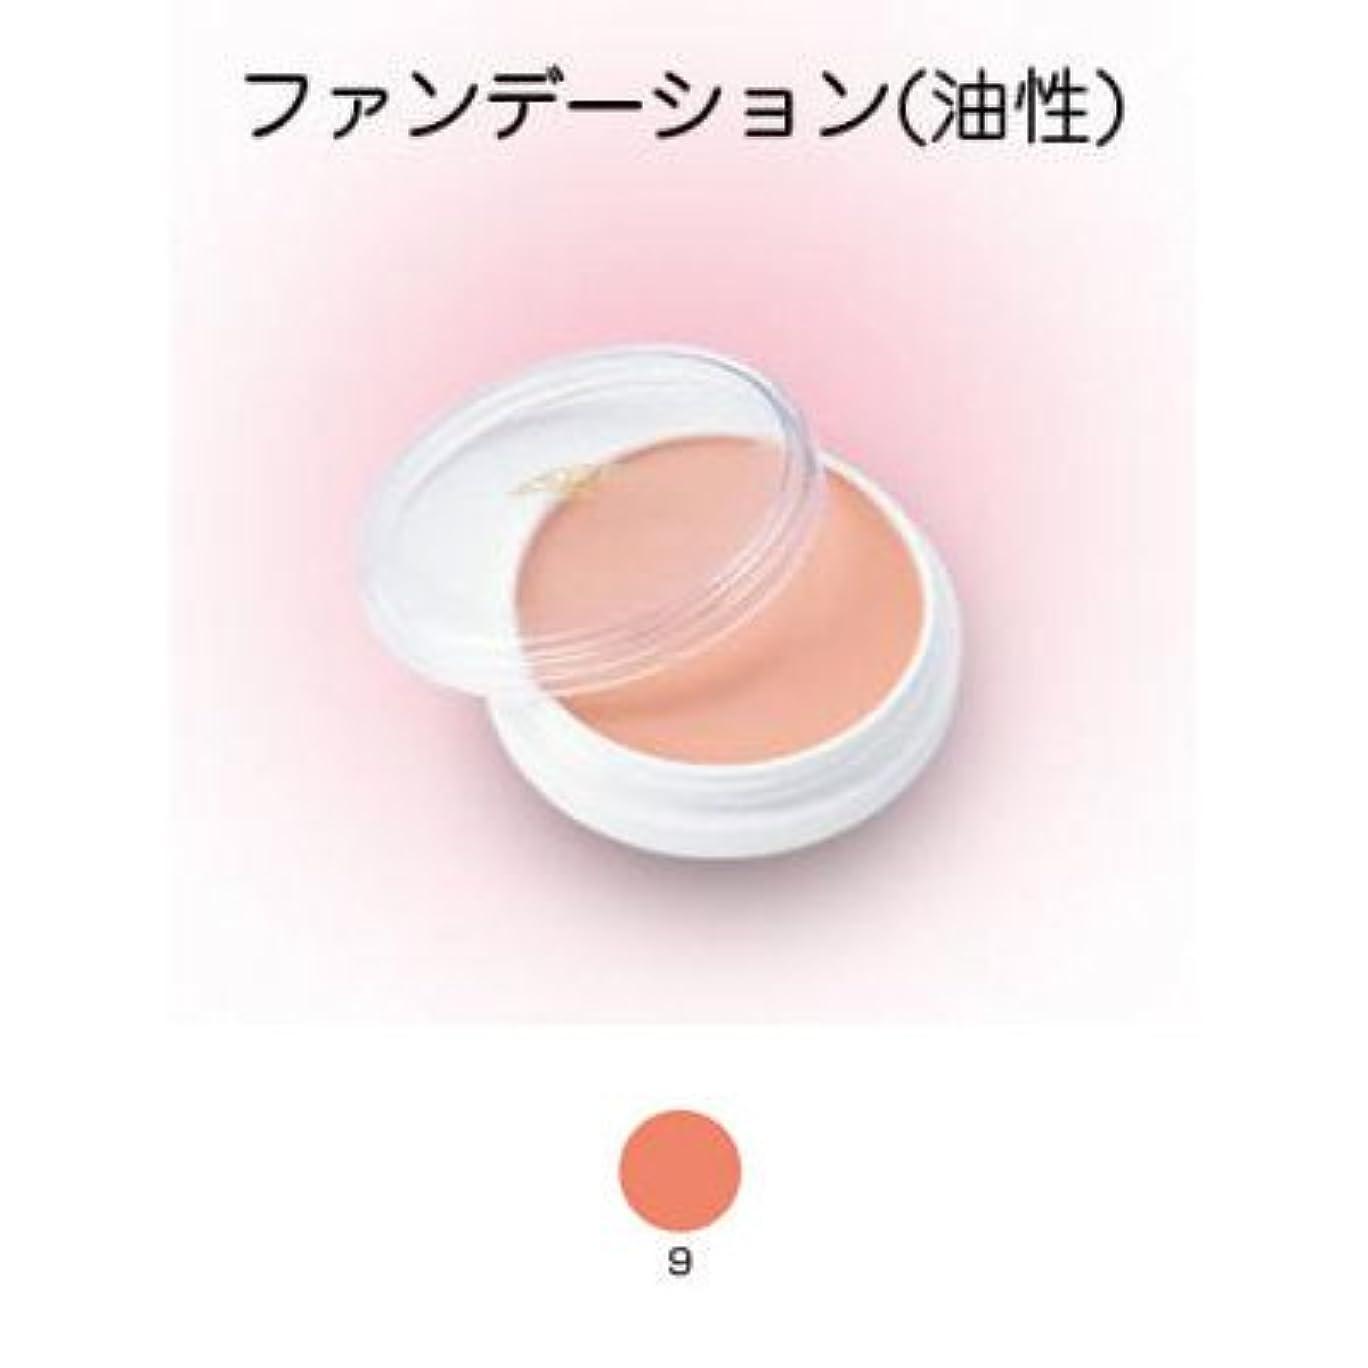 ネブテザー利益グリースペイント 8g 9 【三善】ドーラン